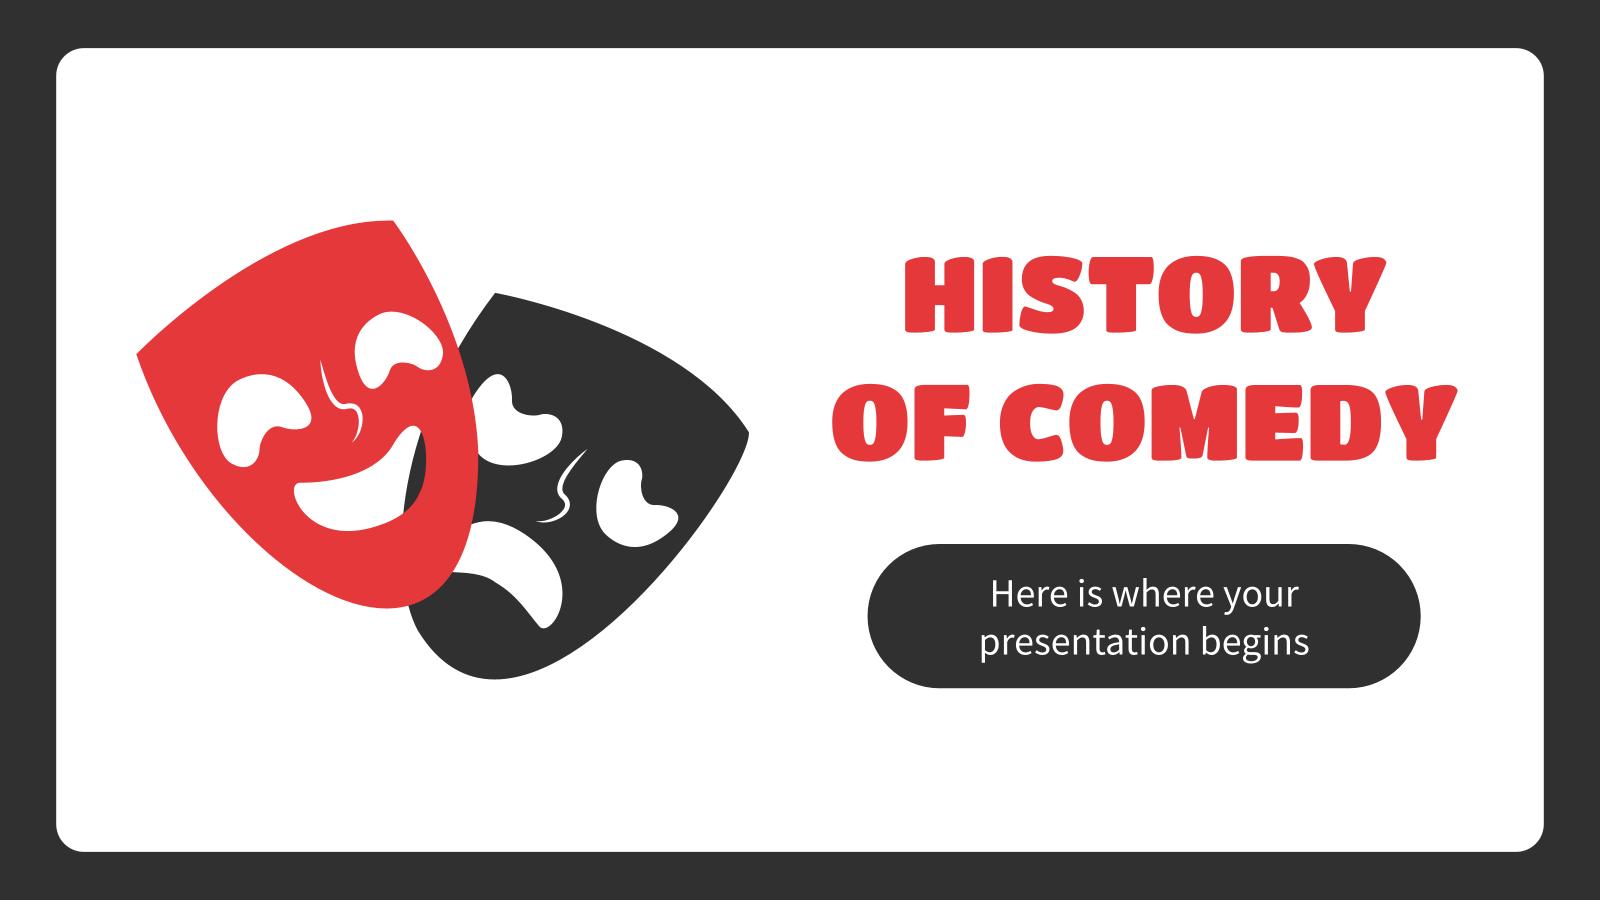 Cours d'histoire de la comédie : Modèles de présentation